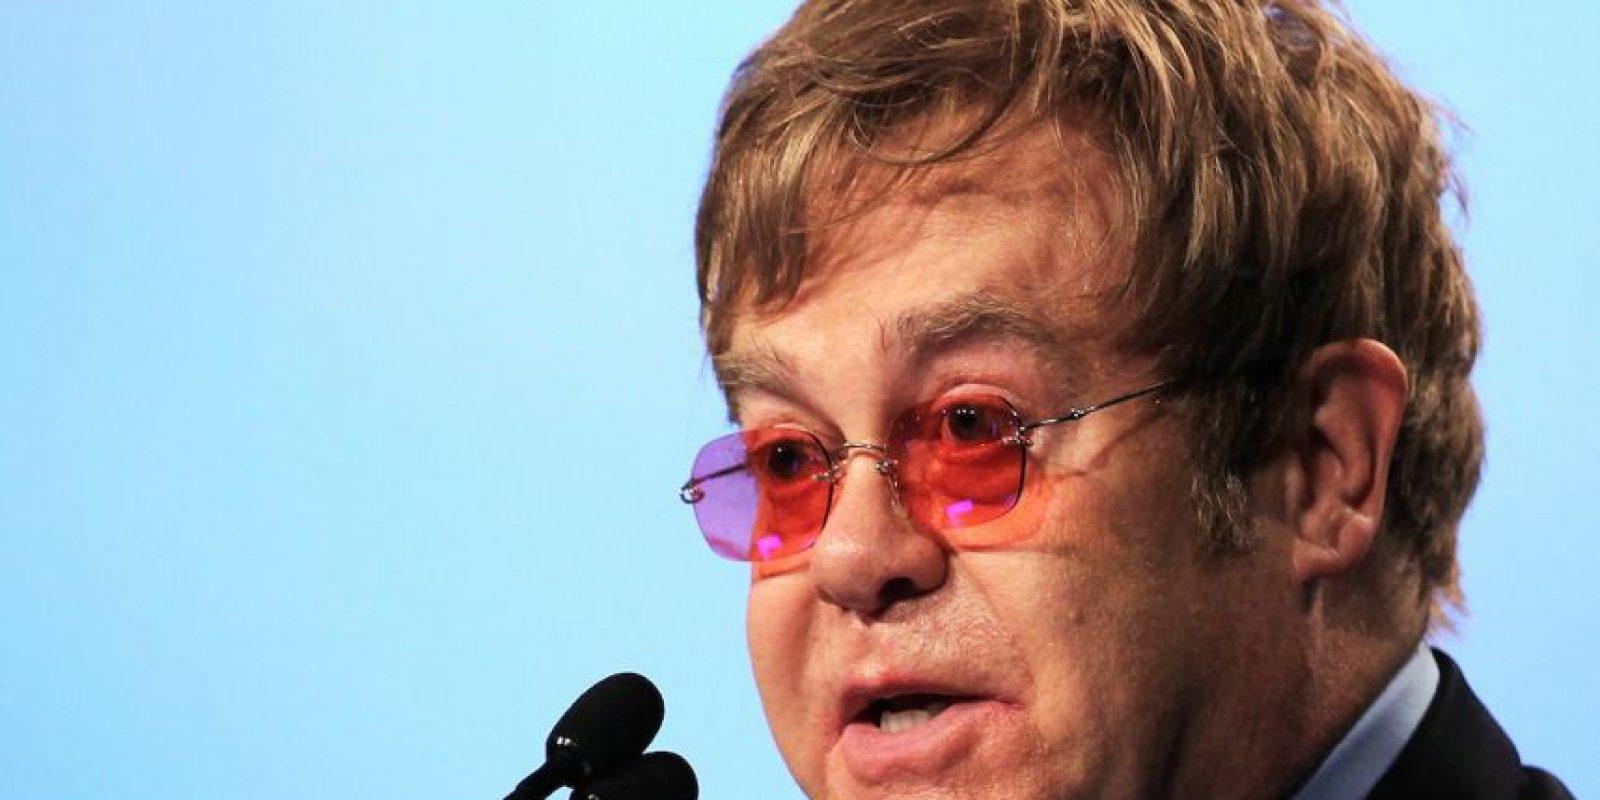 En el pasado, Sir Elton John fue adicto a las drogas y al alcohol Foto:Getty Images